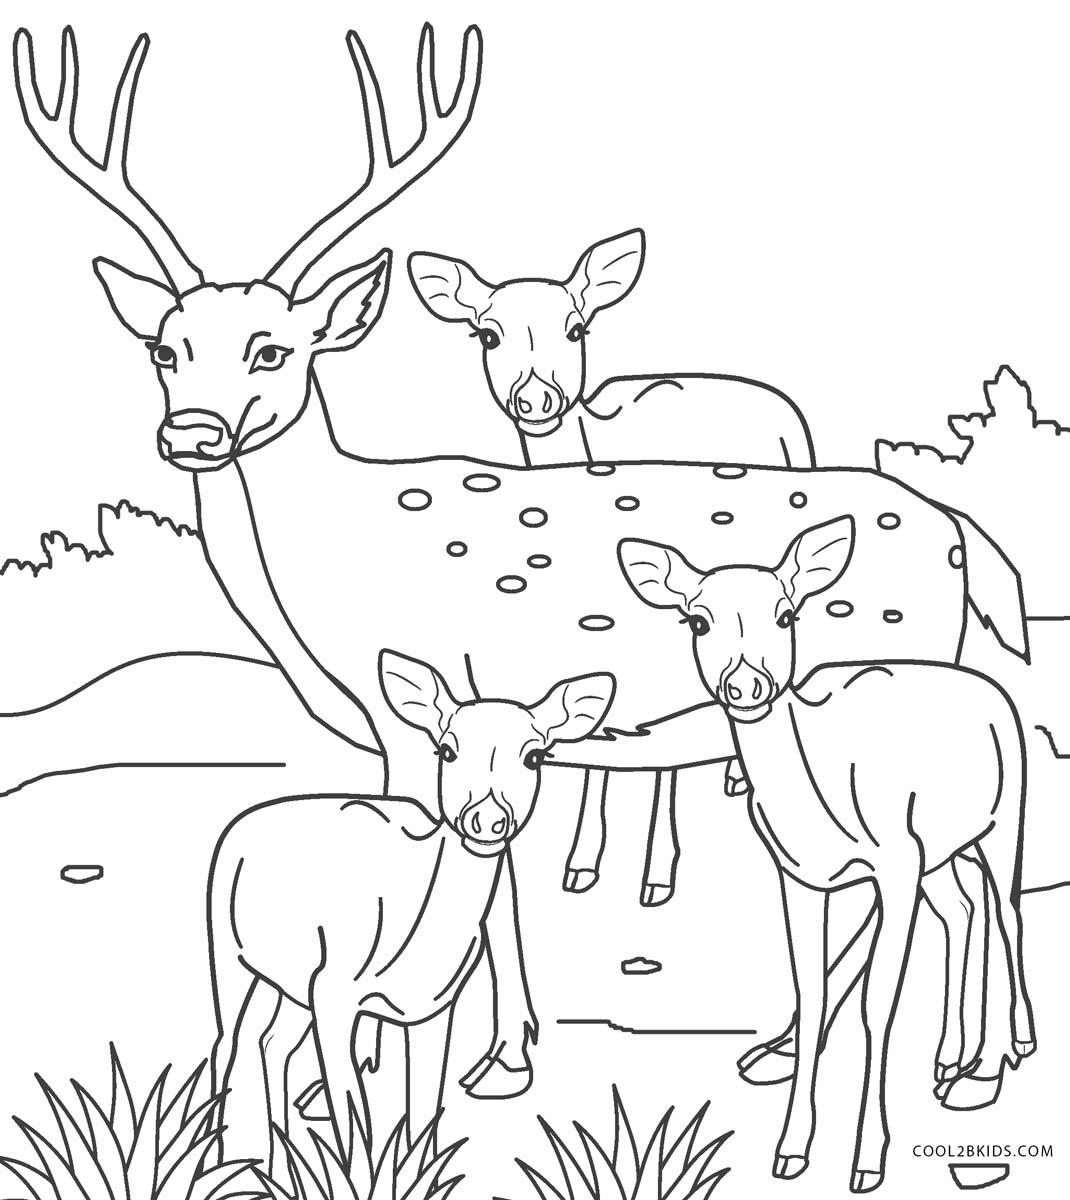 Ausmalbilder Hirsch - Malvorlagen kostenlos zum ausdrucken